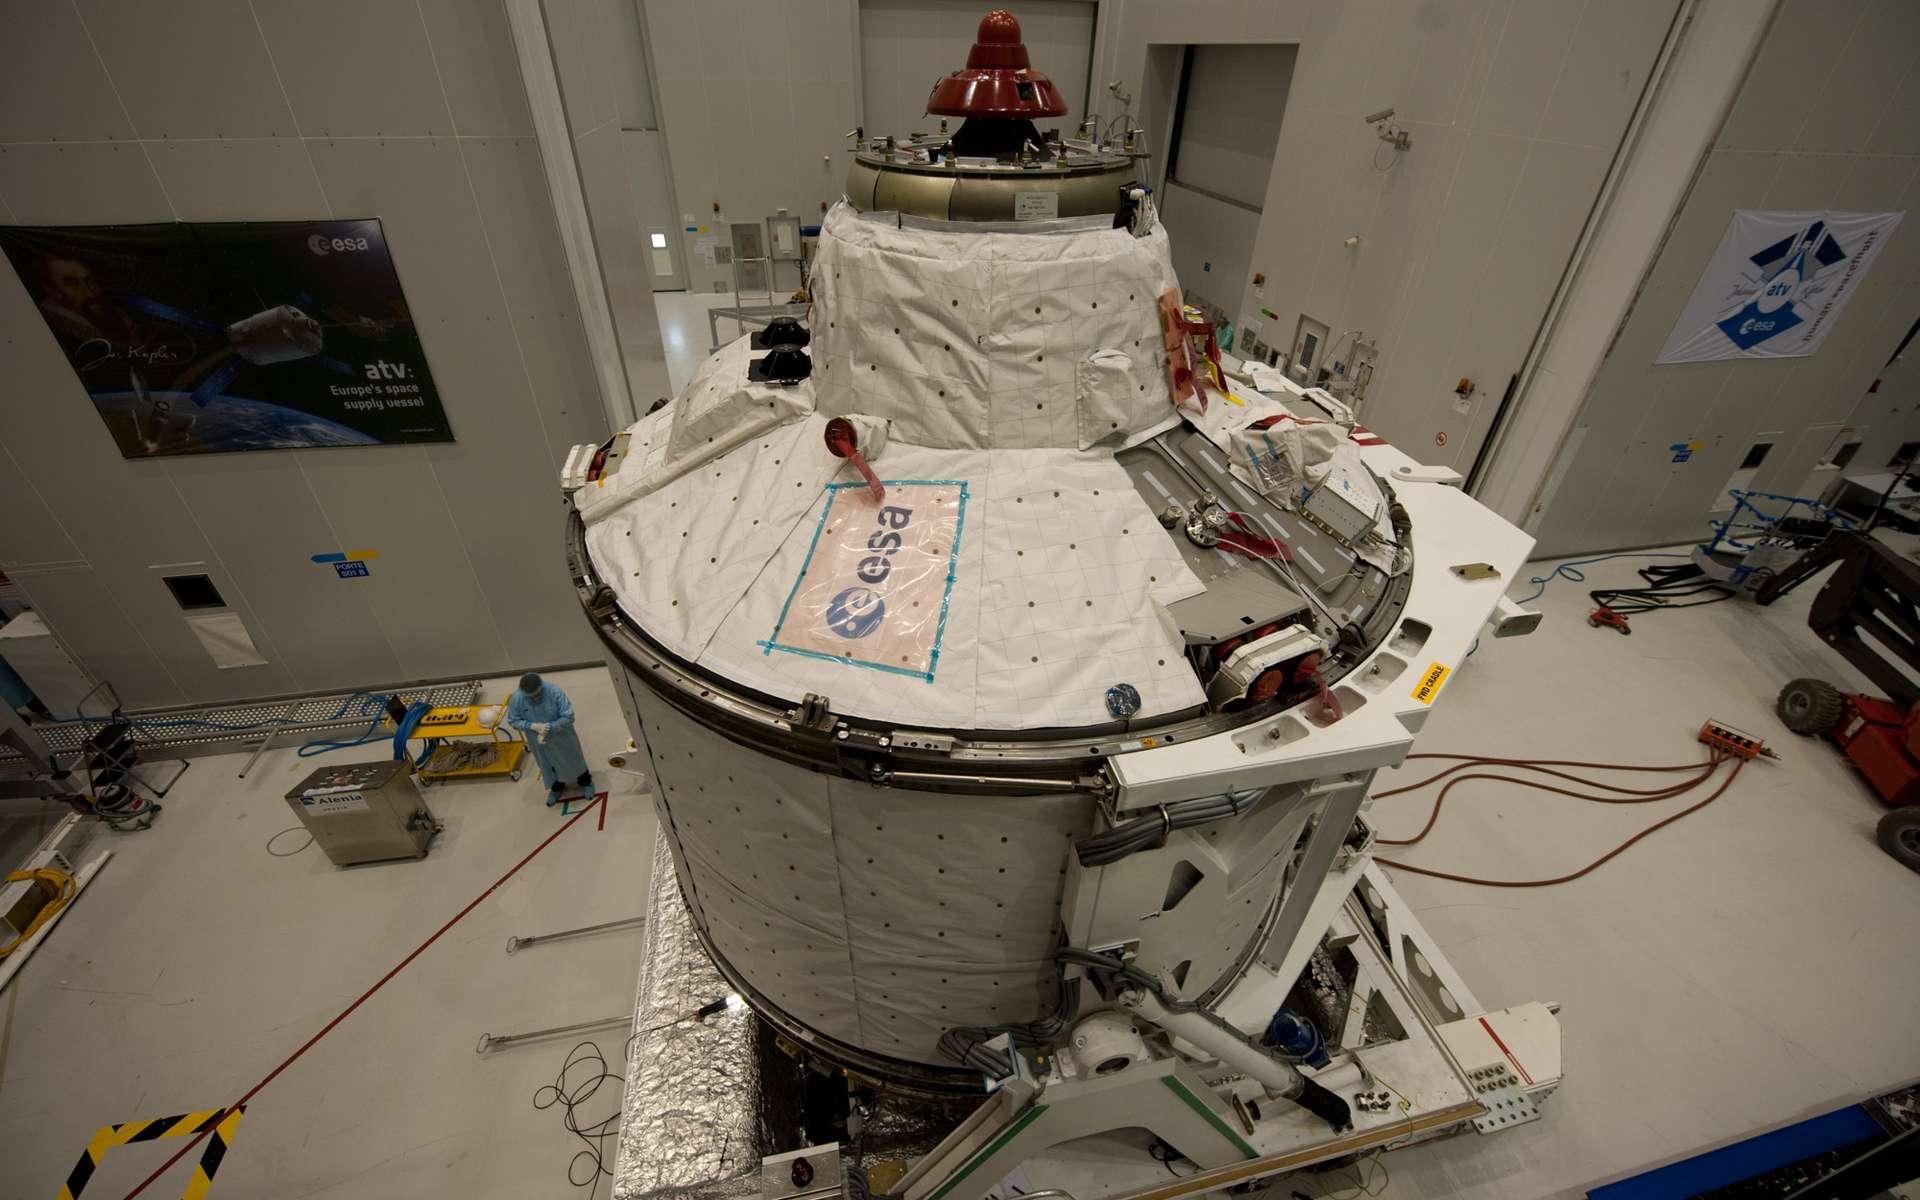 Le module ICC (pressurisé) de l'ATV sur lequel est installé le système intégré d'amarrage avec l'ISS. Cet élément est dérivé de systèmes déjà opérationnels sur les vaisseaux russes Soyuz et Progress. Il est fourni par la firme russe RSC-Energia. © Esa/S. Corvaja